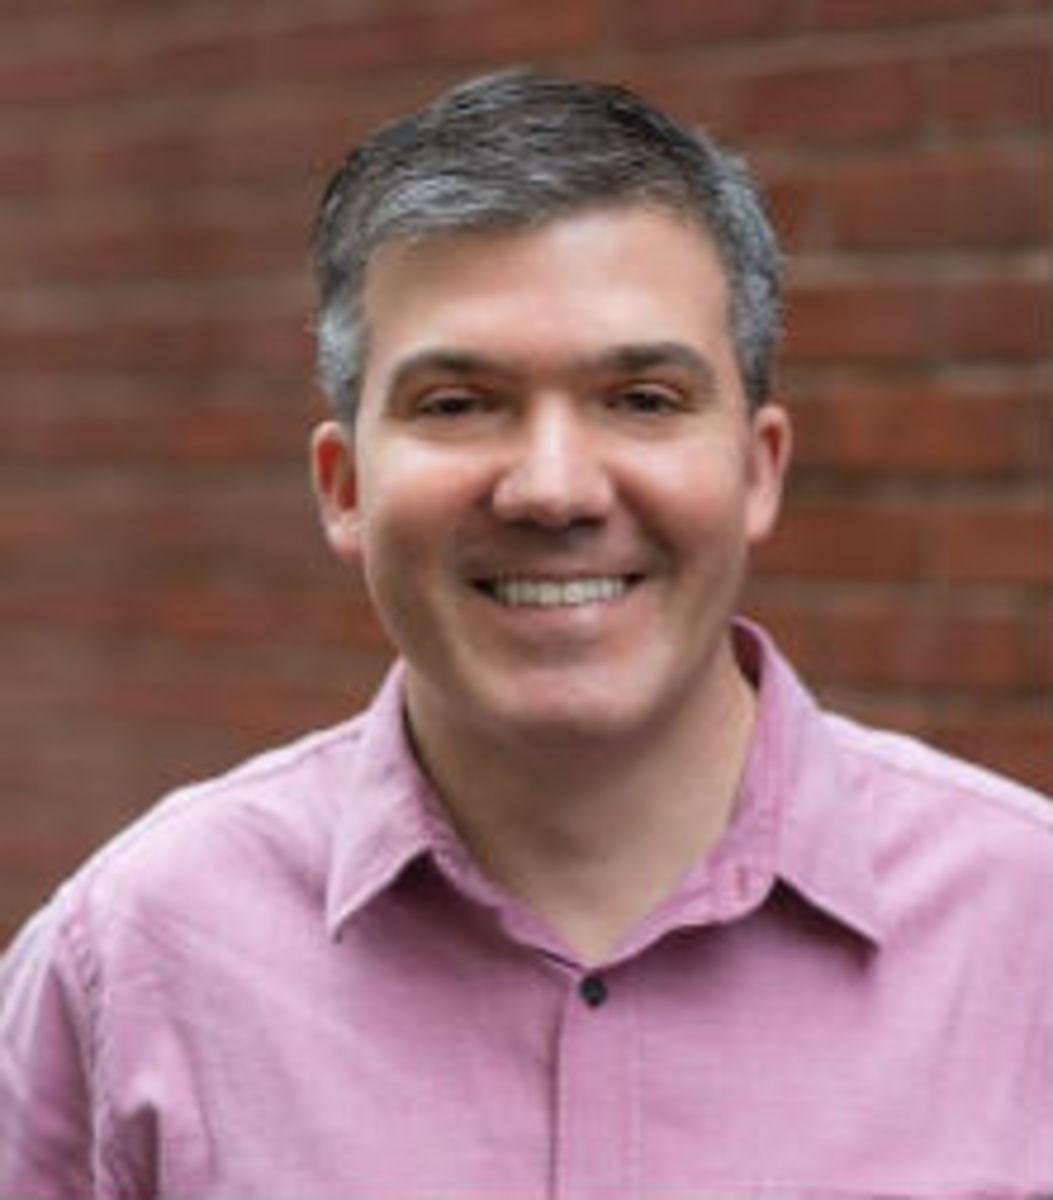 Jason Rekulak featured